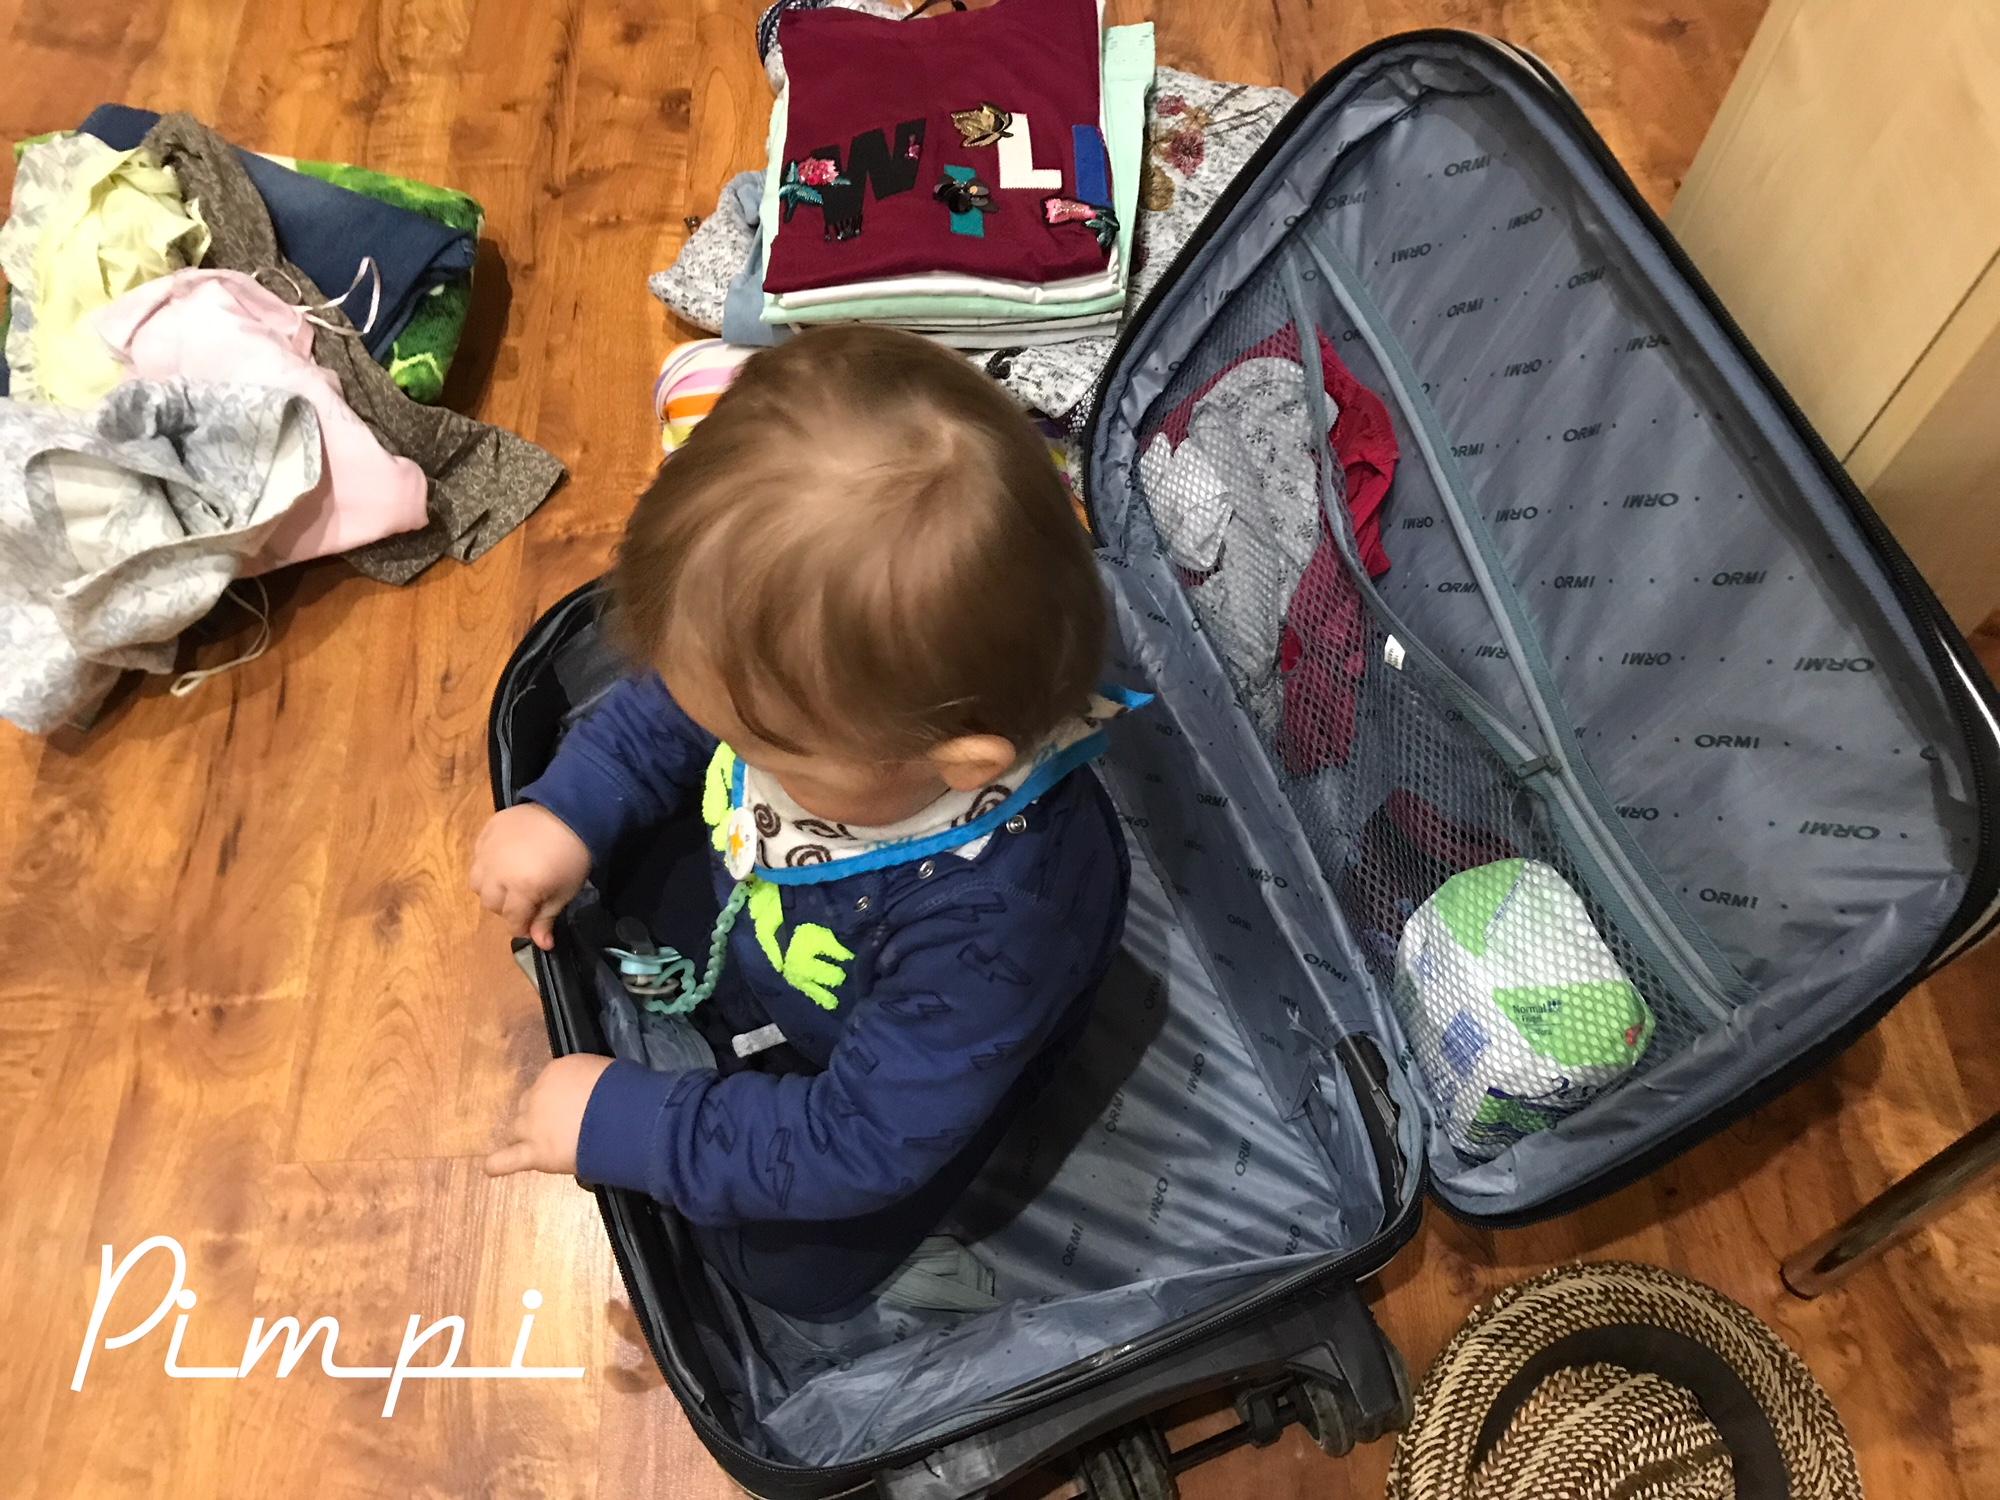 pimpi-bábo-bábätko-cestovanie-balenie-lietadlo-auto-vlak-lieky-pas-bezpečnostné pokyny-letecký dopravcovia-letecké spoločnosti